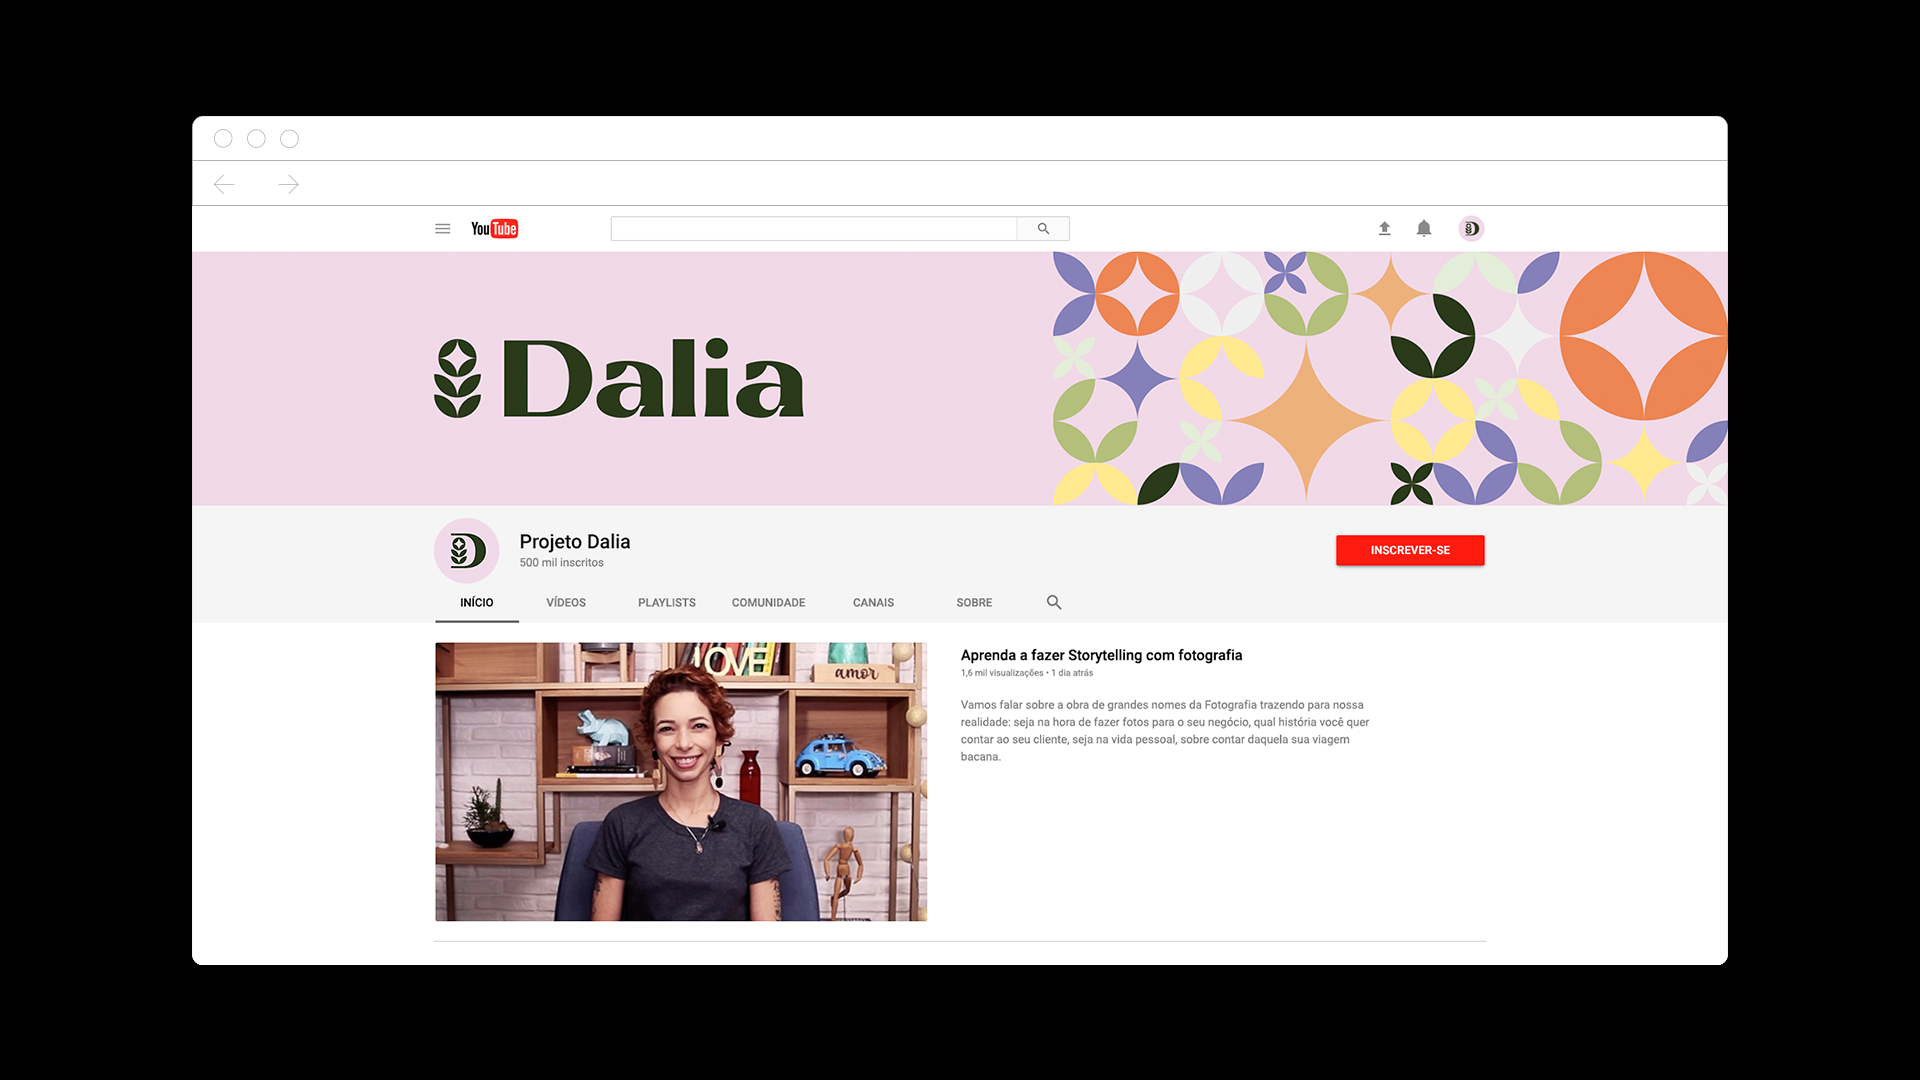 dalia_youtube_01.png